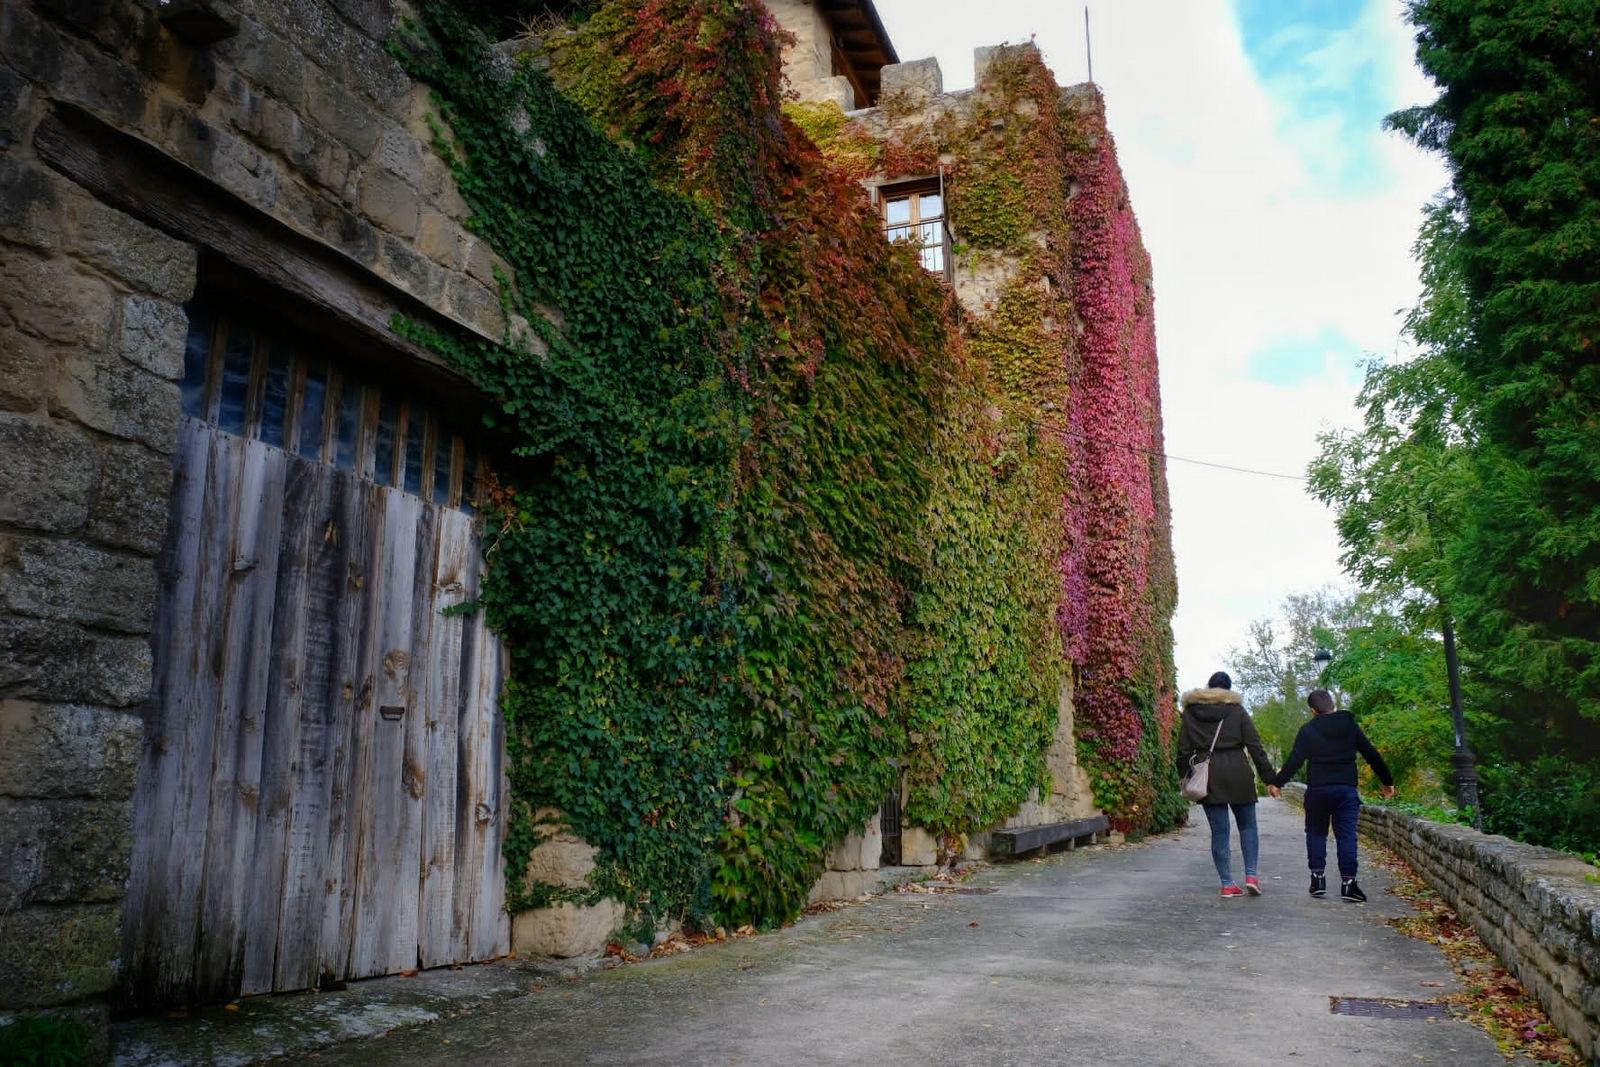 Paseo de ronda, Labraza, Rioja Alavesa